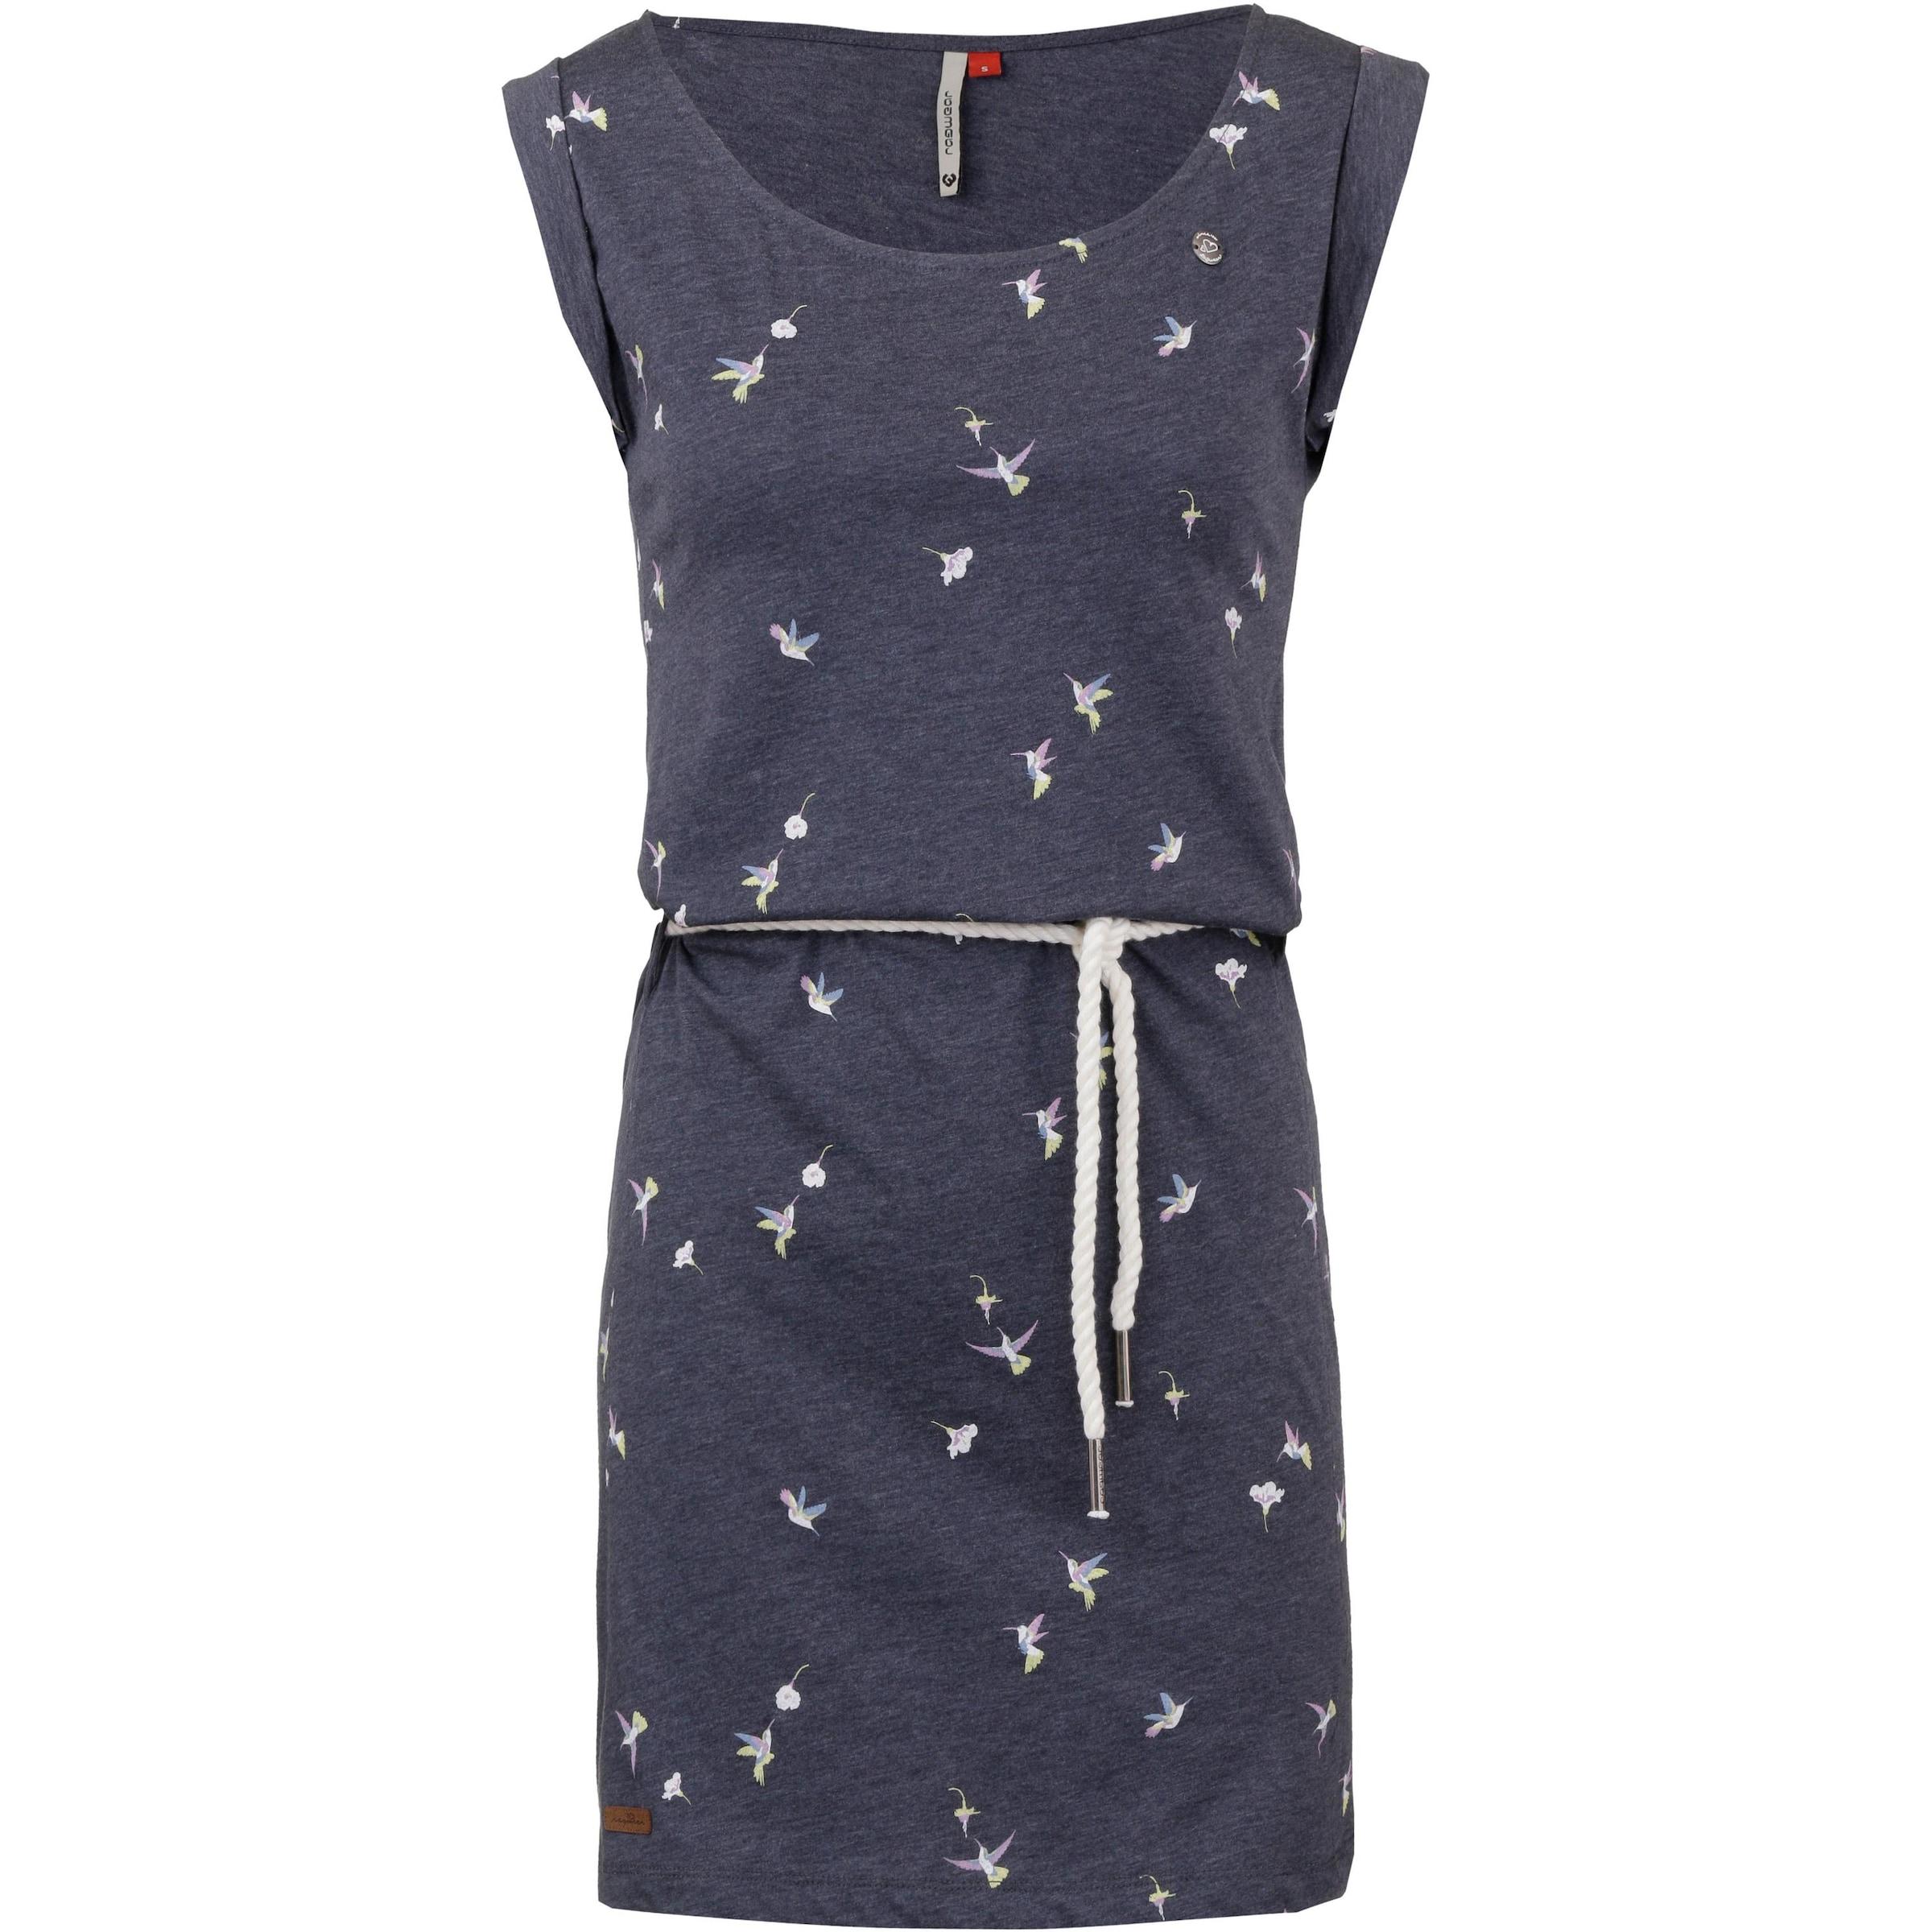 Ragwear Ragwear NavyMischfarben Kleid In NavyMischfarben In Ragwear Kleid 'tammy' Kleid 'tammy' 3uTlKJcF15